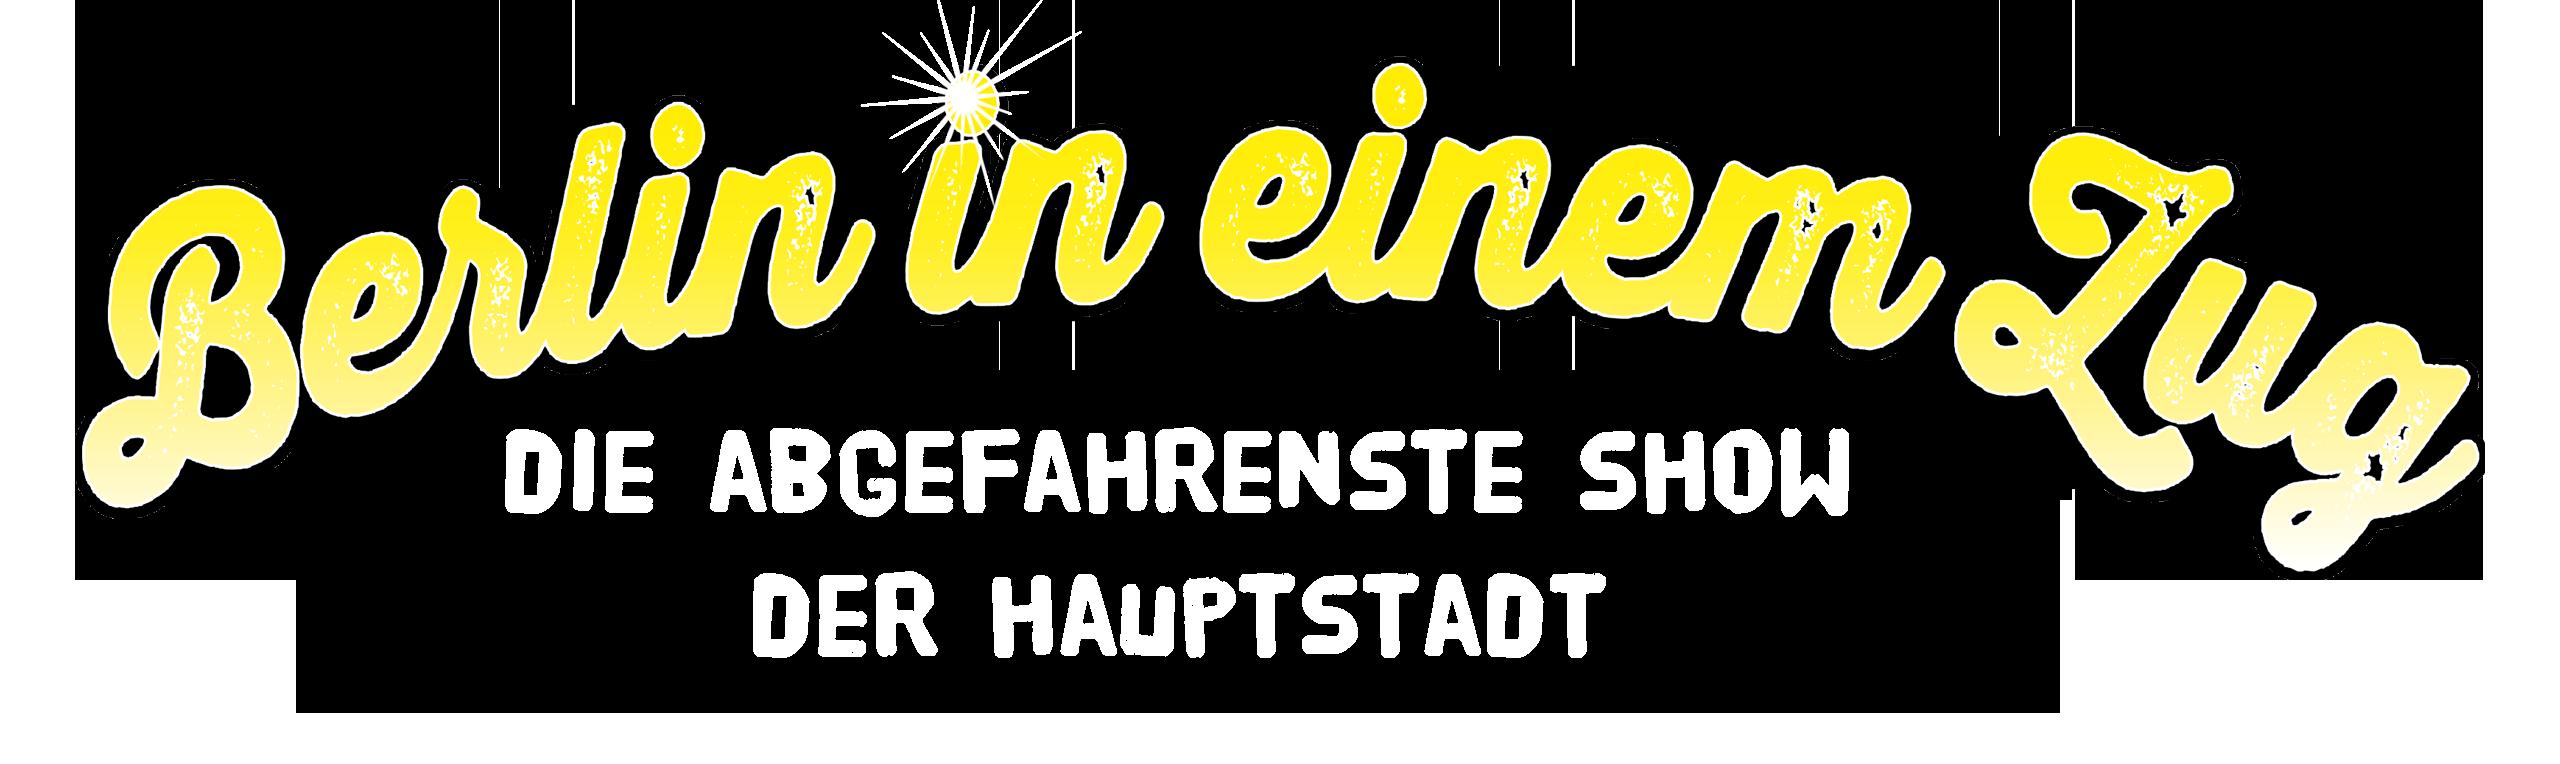 Berlin_in_einem_Zug_Schriftzug_2560